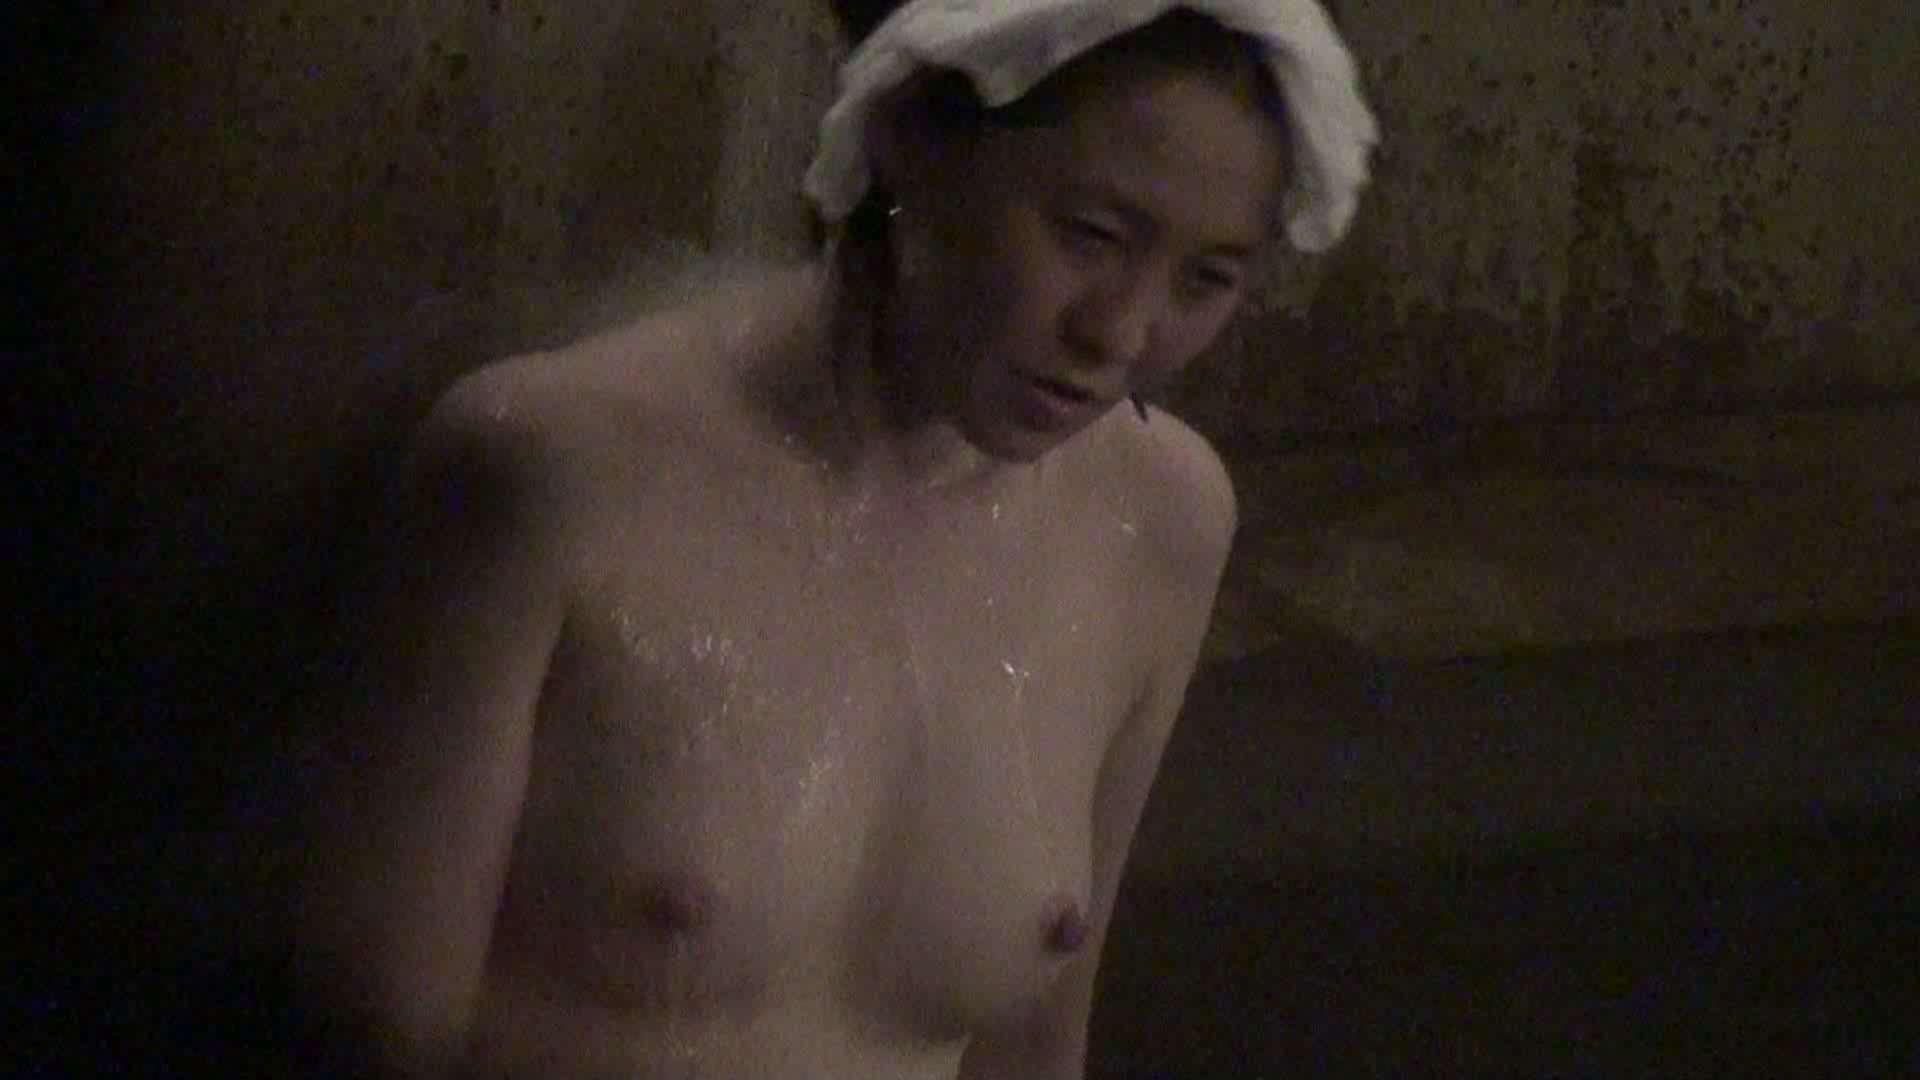 Aquaな露天風呂Vol.322 OL女体 | 女体盗撮  108連発 67